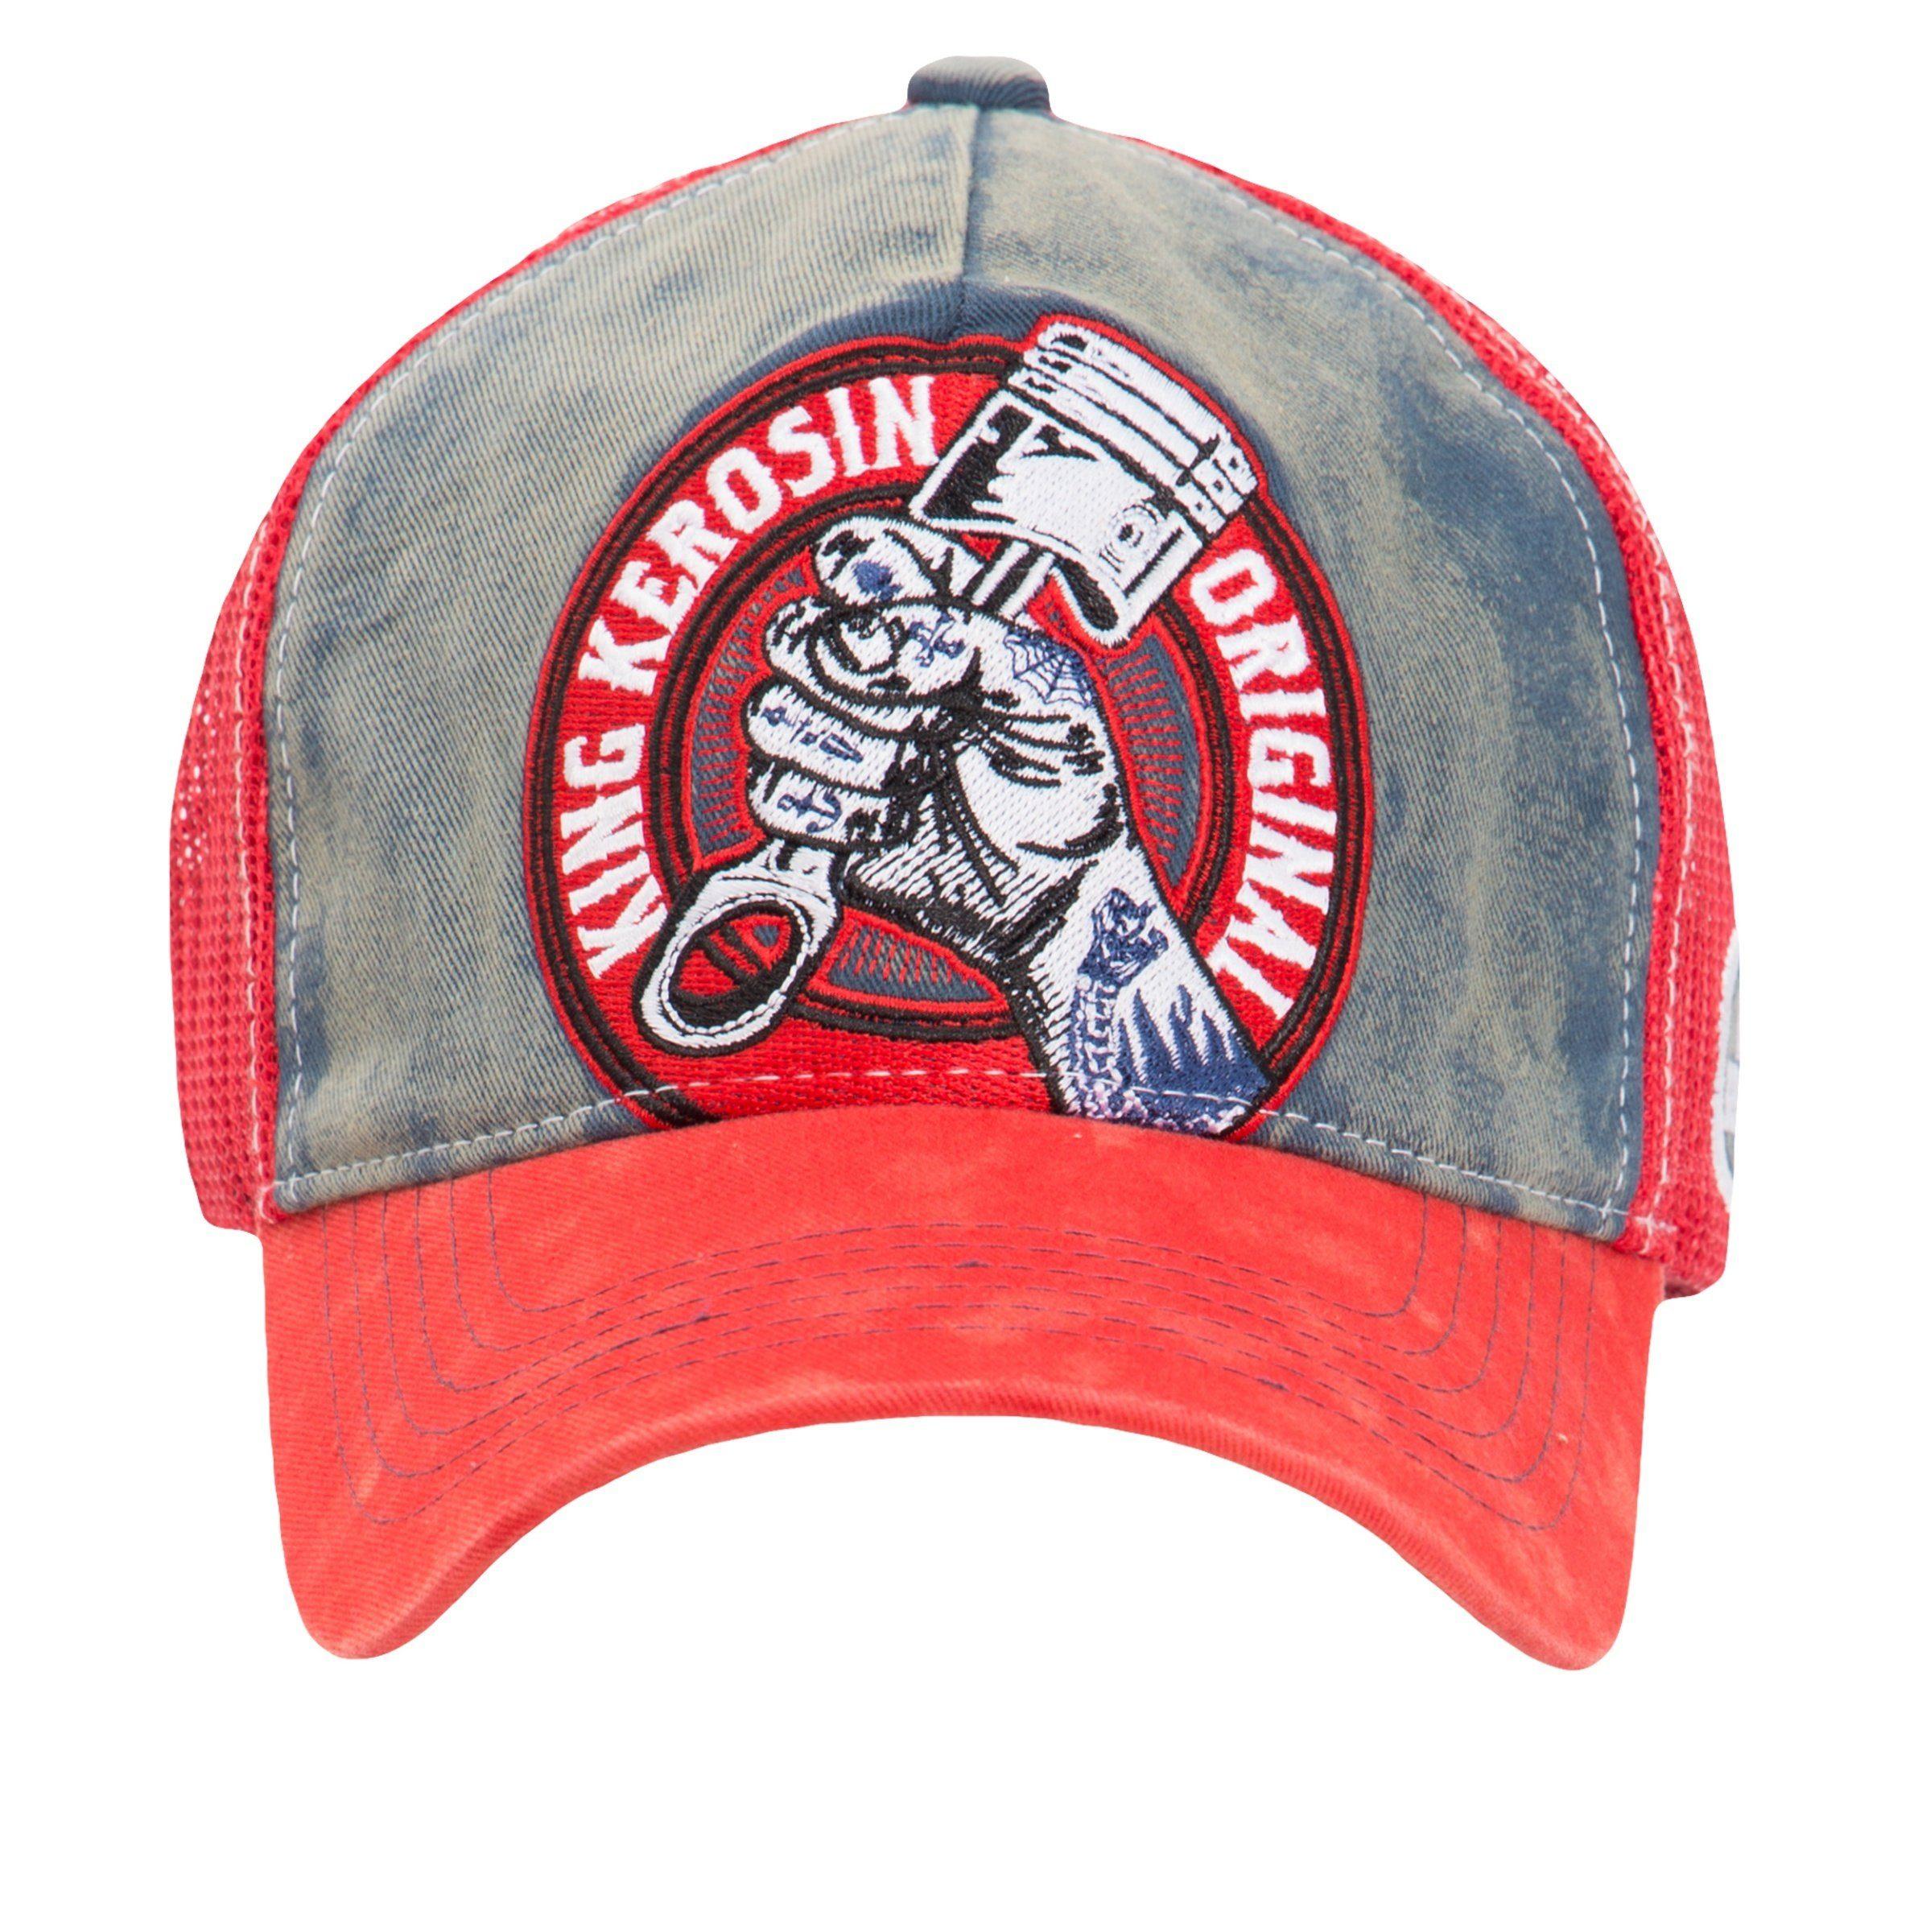 KingKerosin Trucker Cap »True Roots« mit Denim Einsatz im Used Look